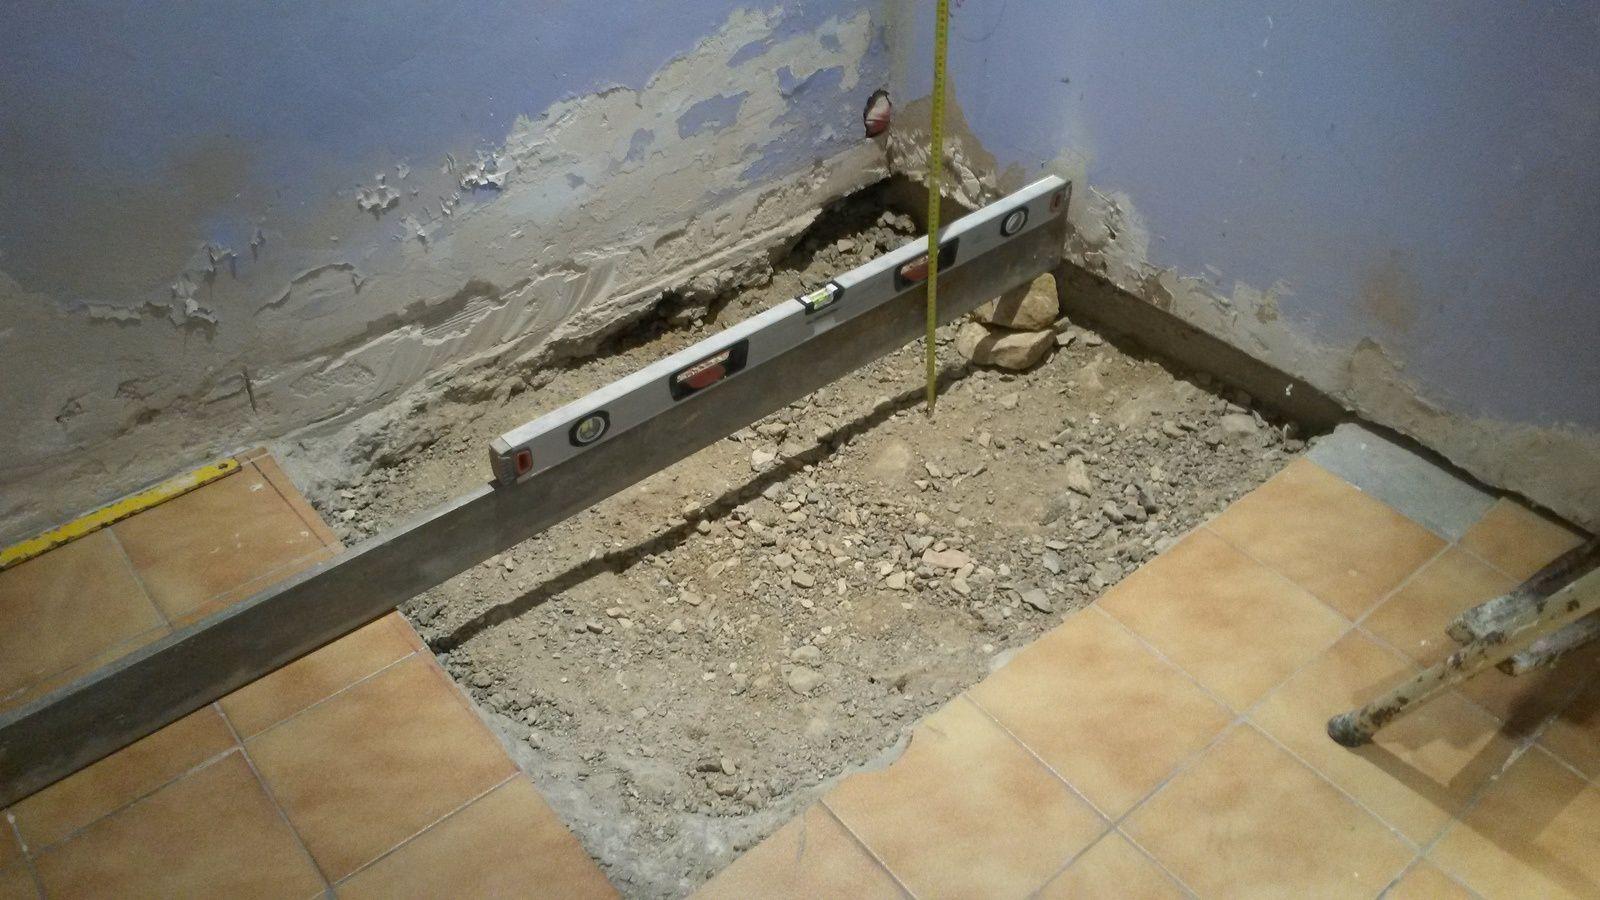 Une règle et un niveau permettent de mesurer le décaissement, au moins 12 cm selon la bonde.